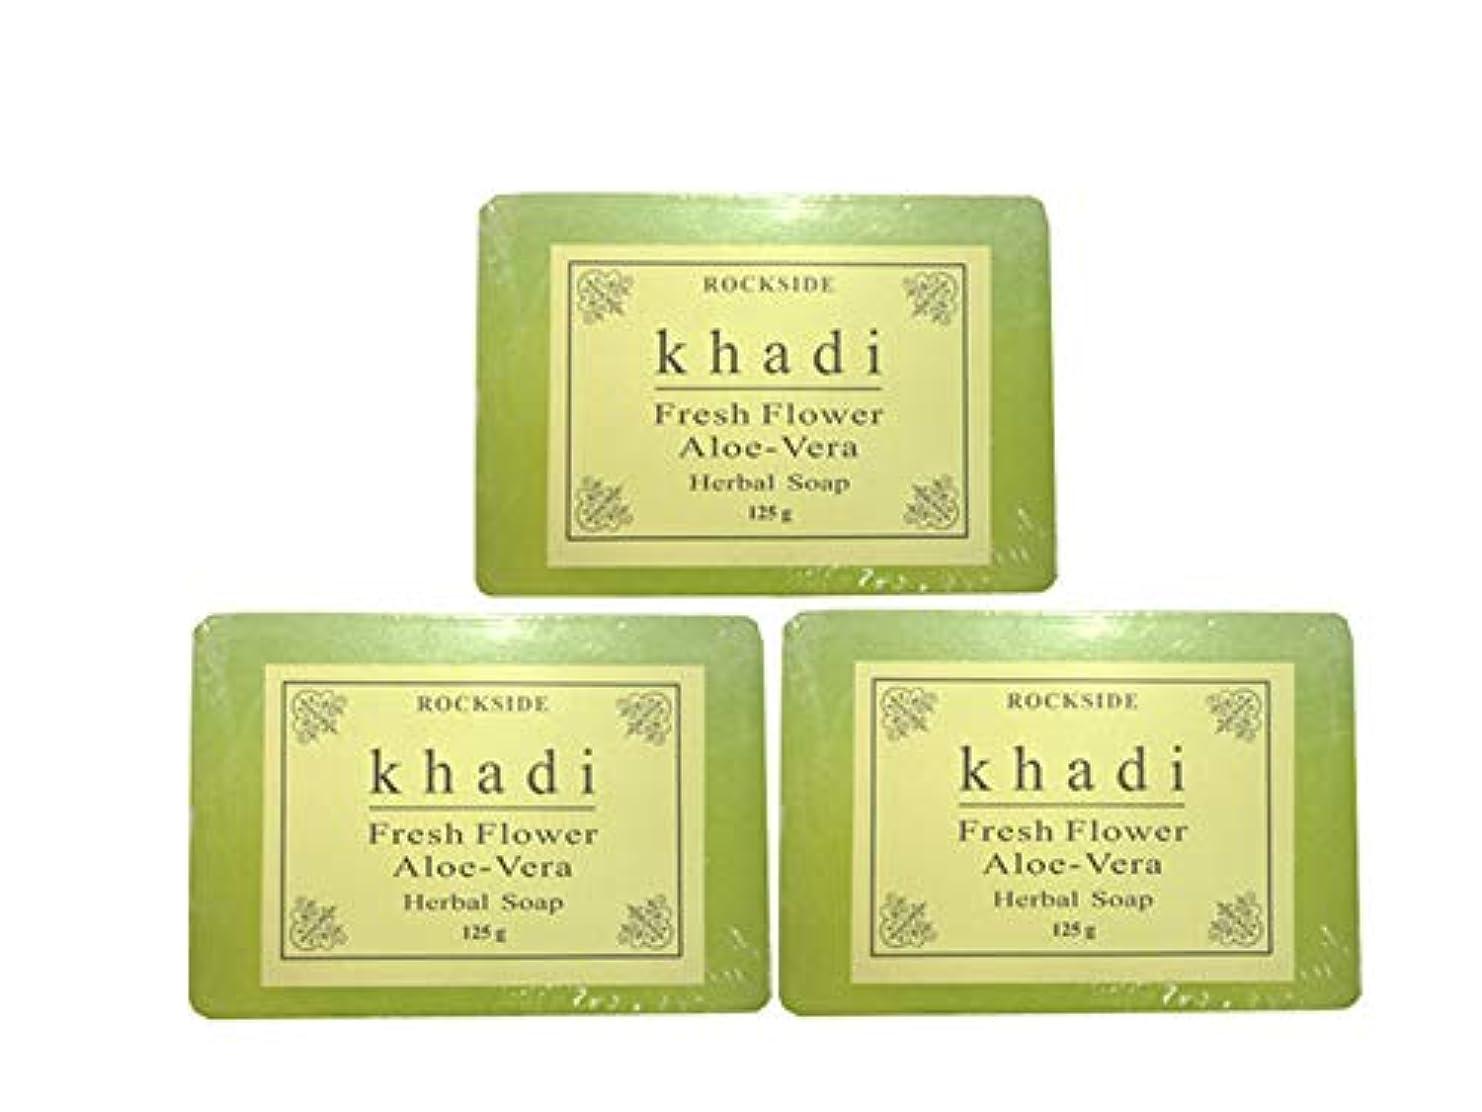 破滅的な大型トラック海外で手作り  カーディ フレッシュフラワー2 ハーバルソープ Khadi Fresh Flower Aloe-Vera Herbal Soap 3個SET